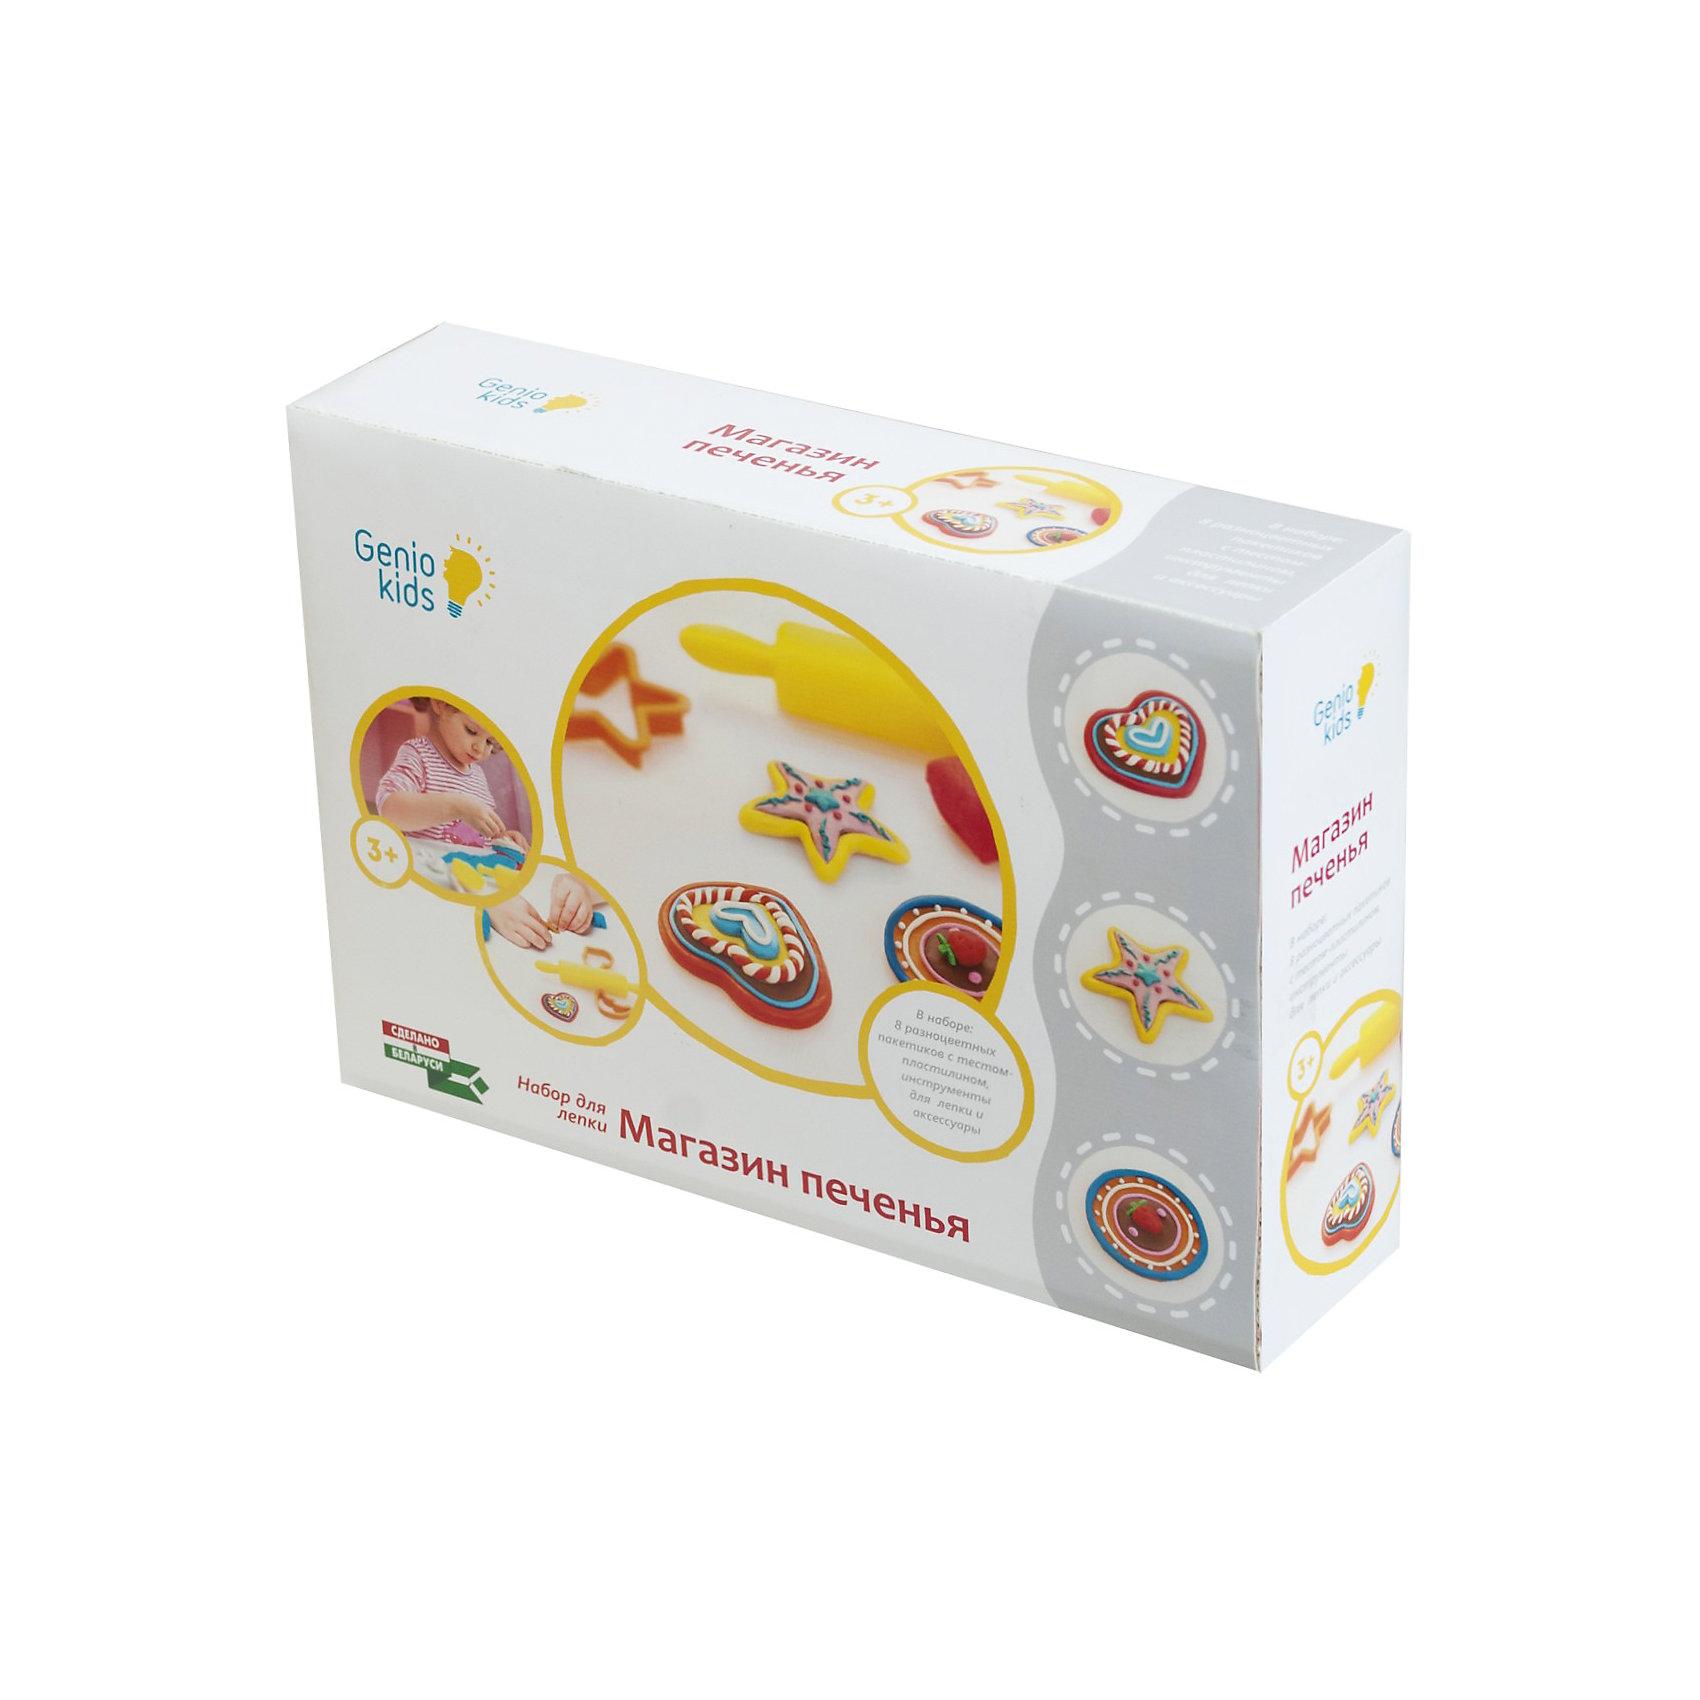 Набор для детской лепки Магазин печеньяВ наборе: тесто-пластилин 8 пакетиков по 50гр., формочки – 3 шт., скалка – 1шт., комплект форм для декора – 1 шт., стек-нож – 1шт.<br><br>Ширина мм: 240<br>Глубина мм: 170<br>Высота мм: 65<br>Вес г: 410<br>Возраст от месяцев: 36<br>Возраст до месяцев: 108<br>Пол: Унисекс<br>Возраст: Детский<br>SKU: 5018309